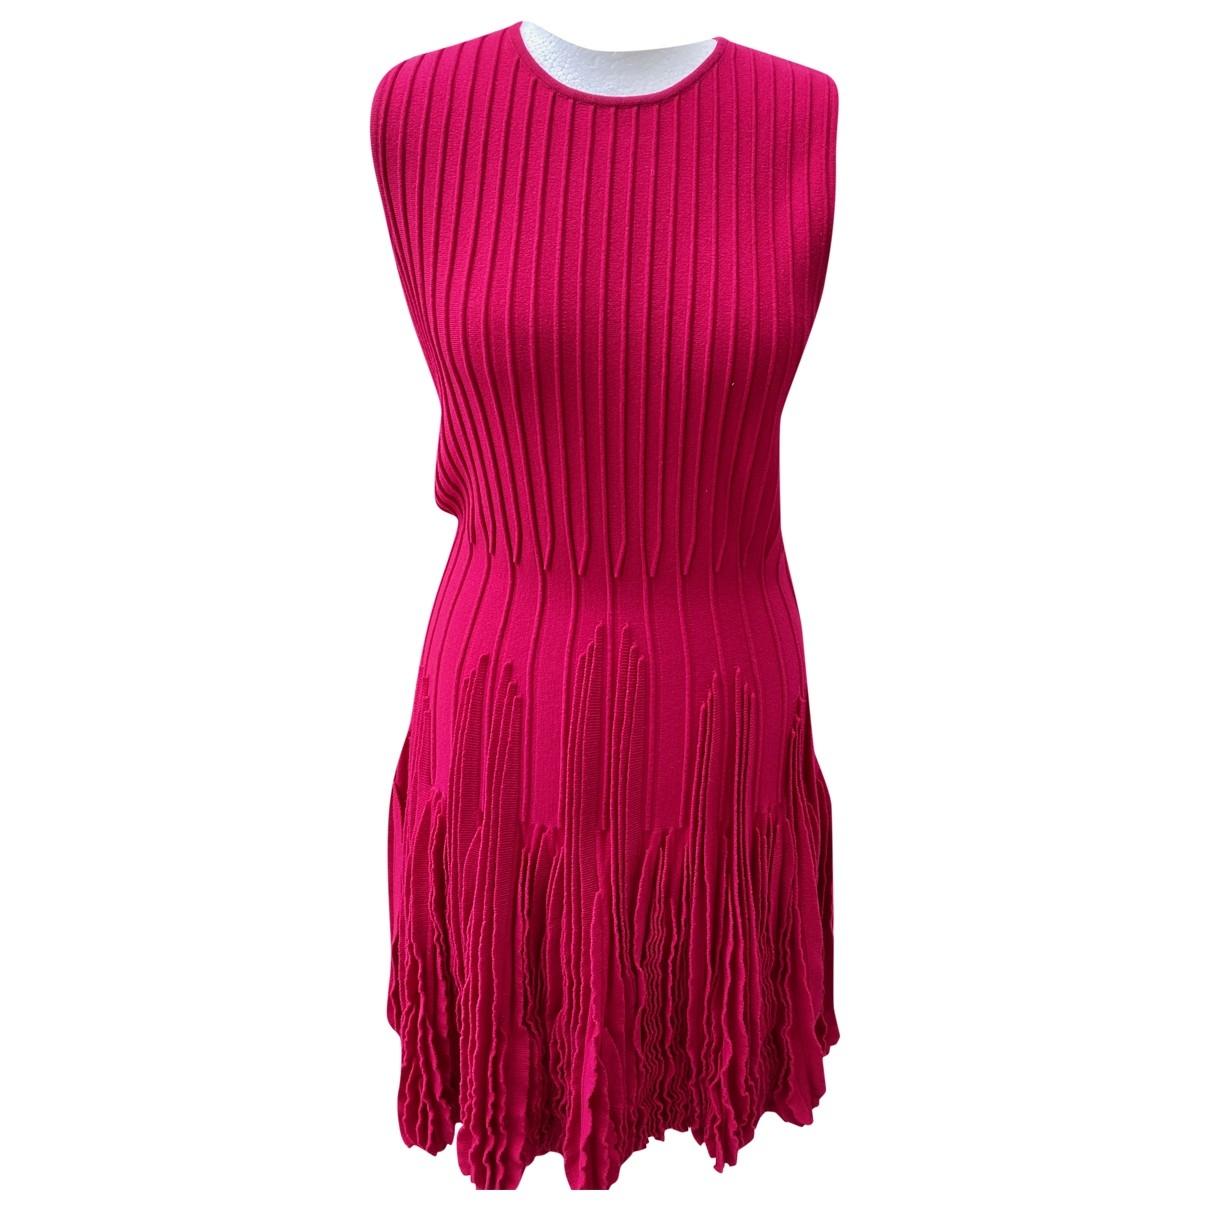 Alexander Mcqueen \N Kleid in  Rot Wolle